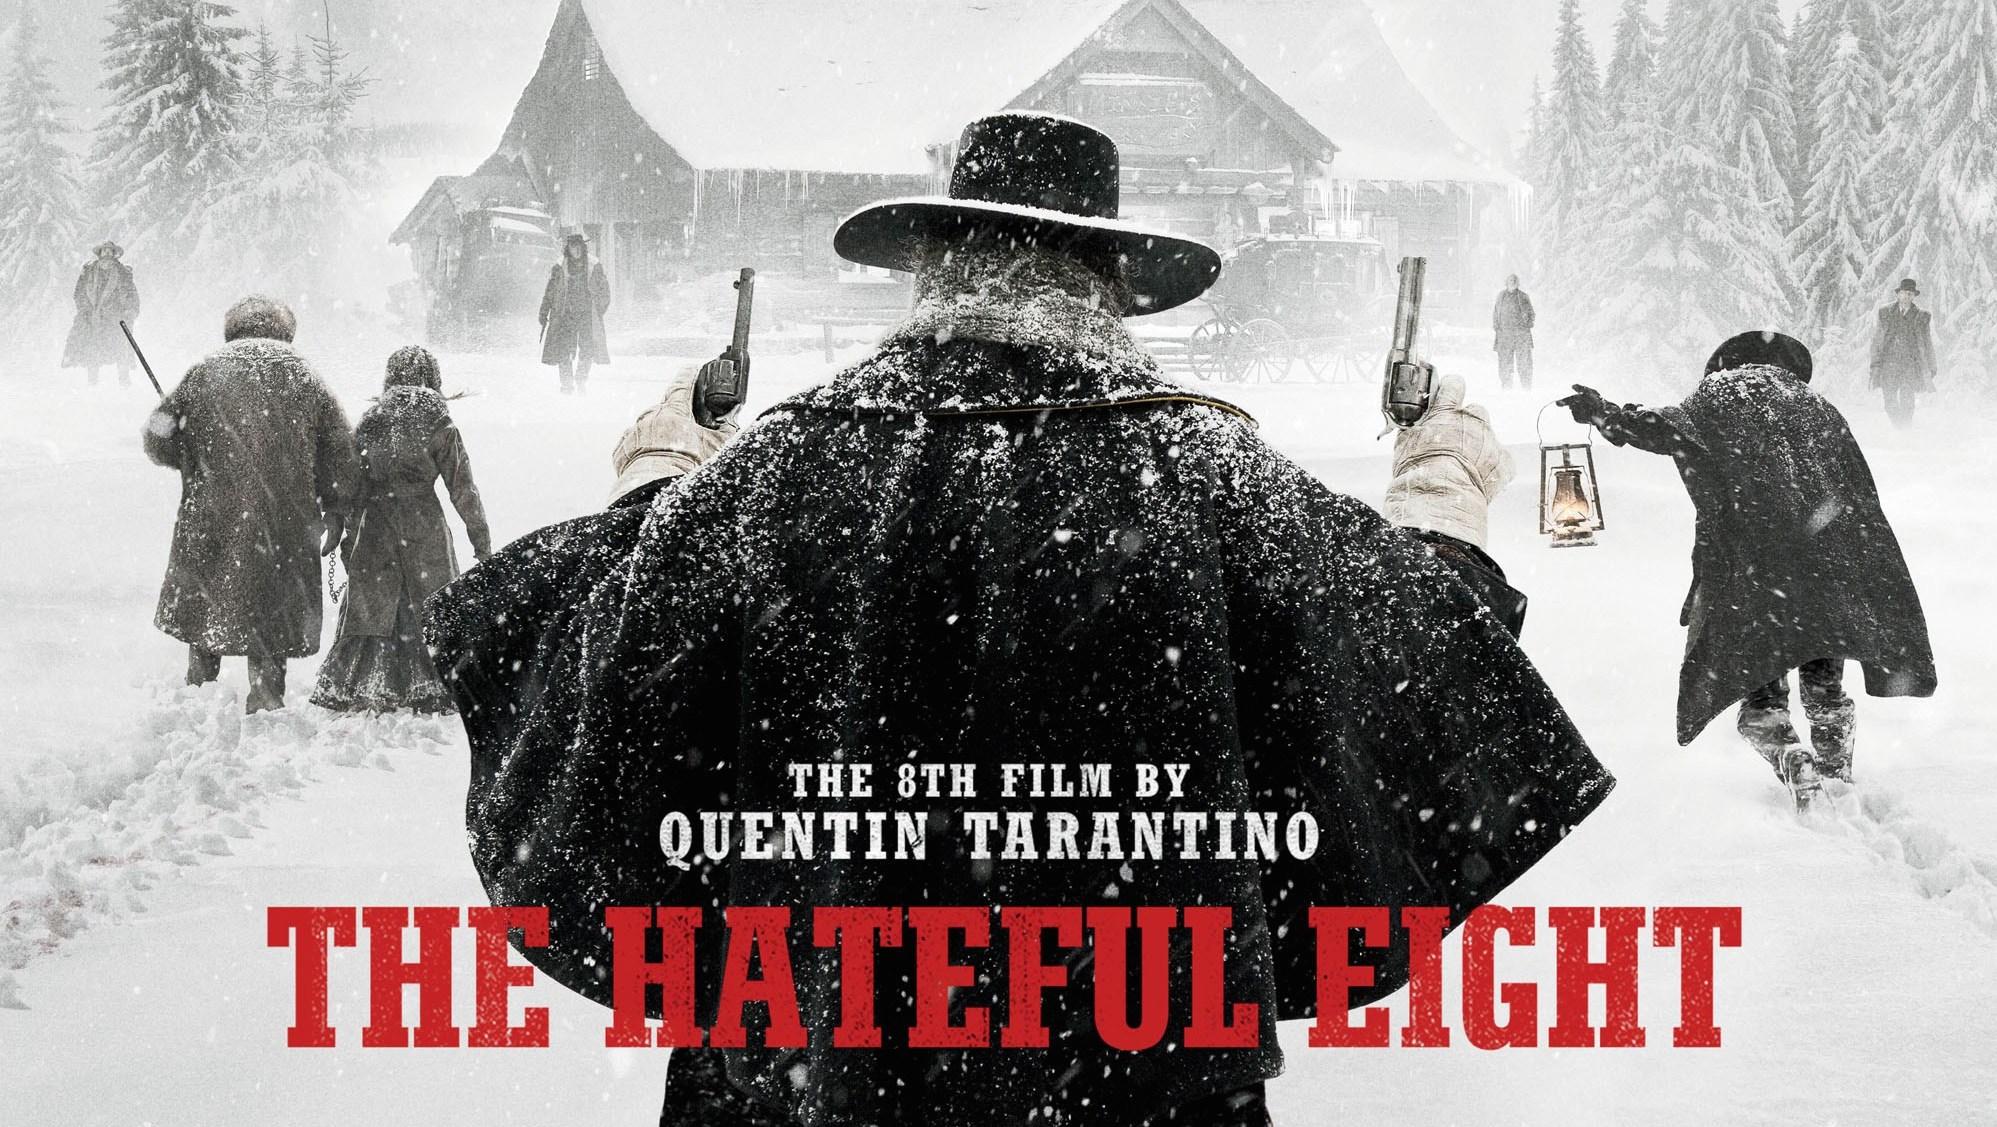 The Hateful Eight, lo schiaffo di Tarantino